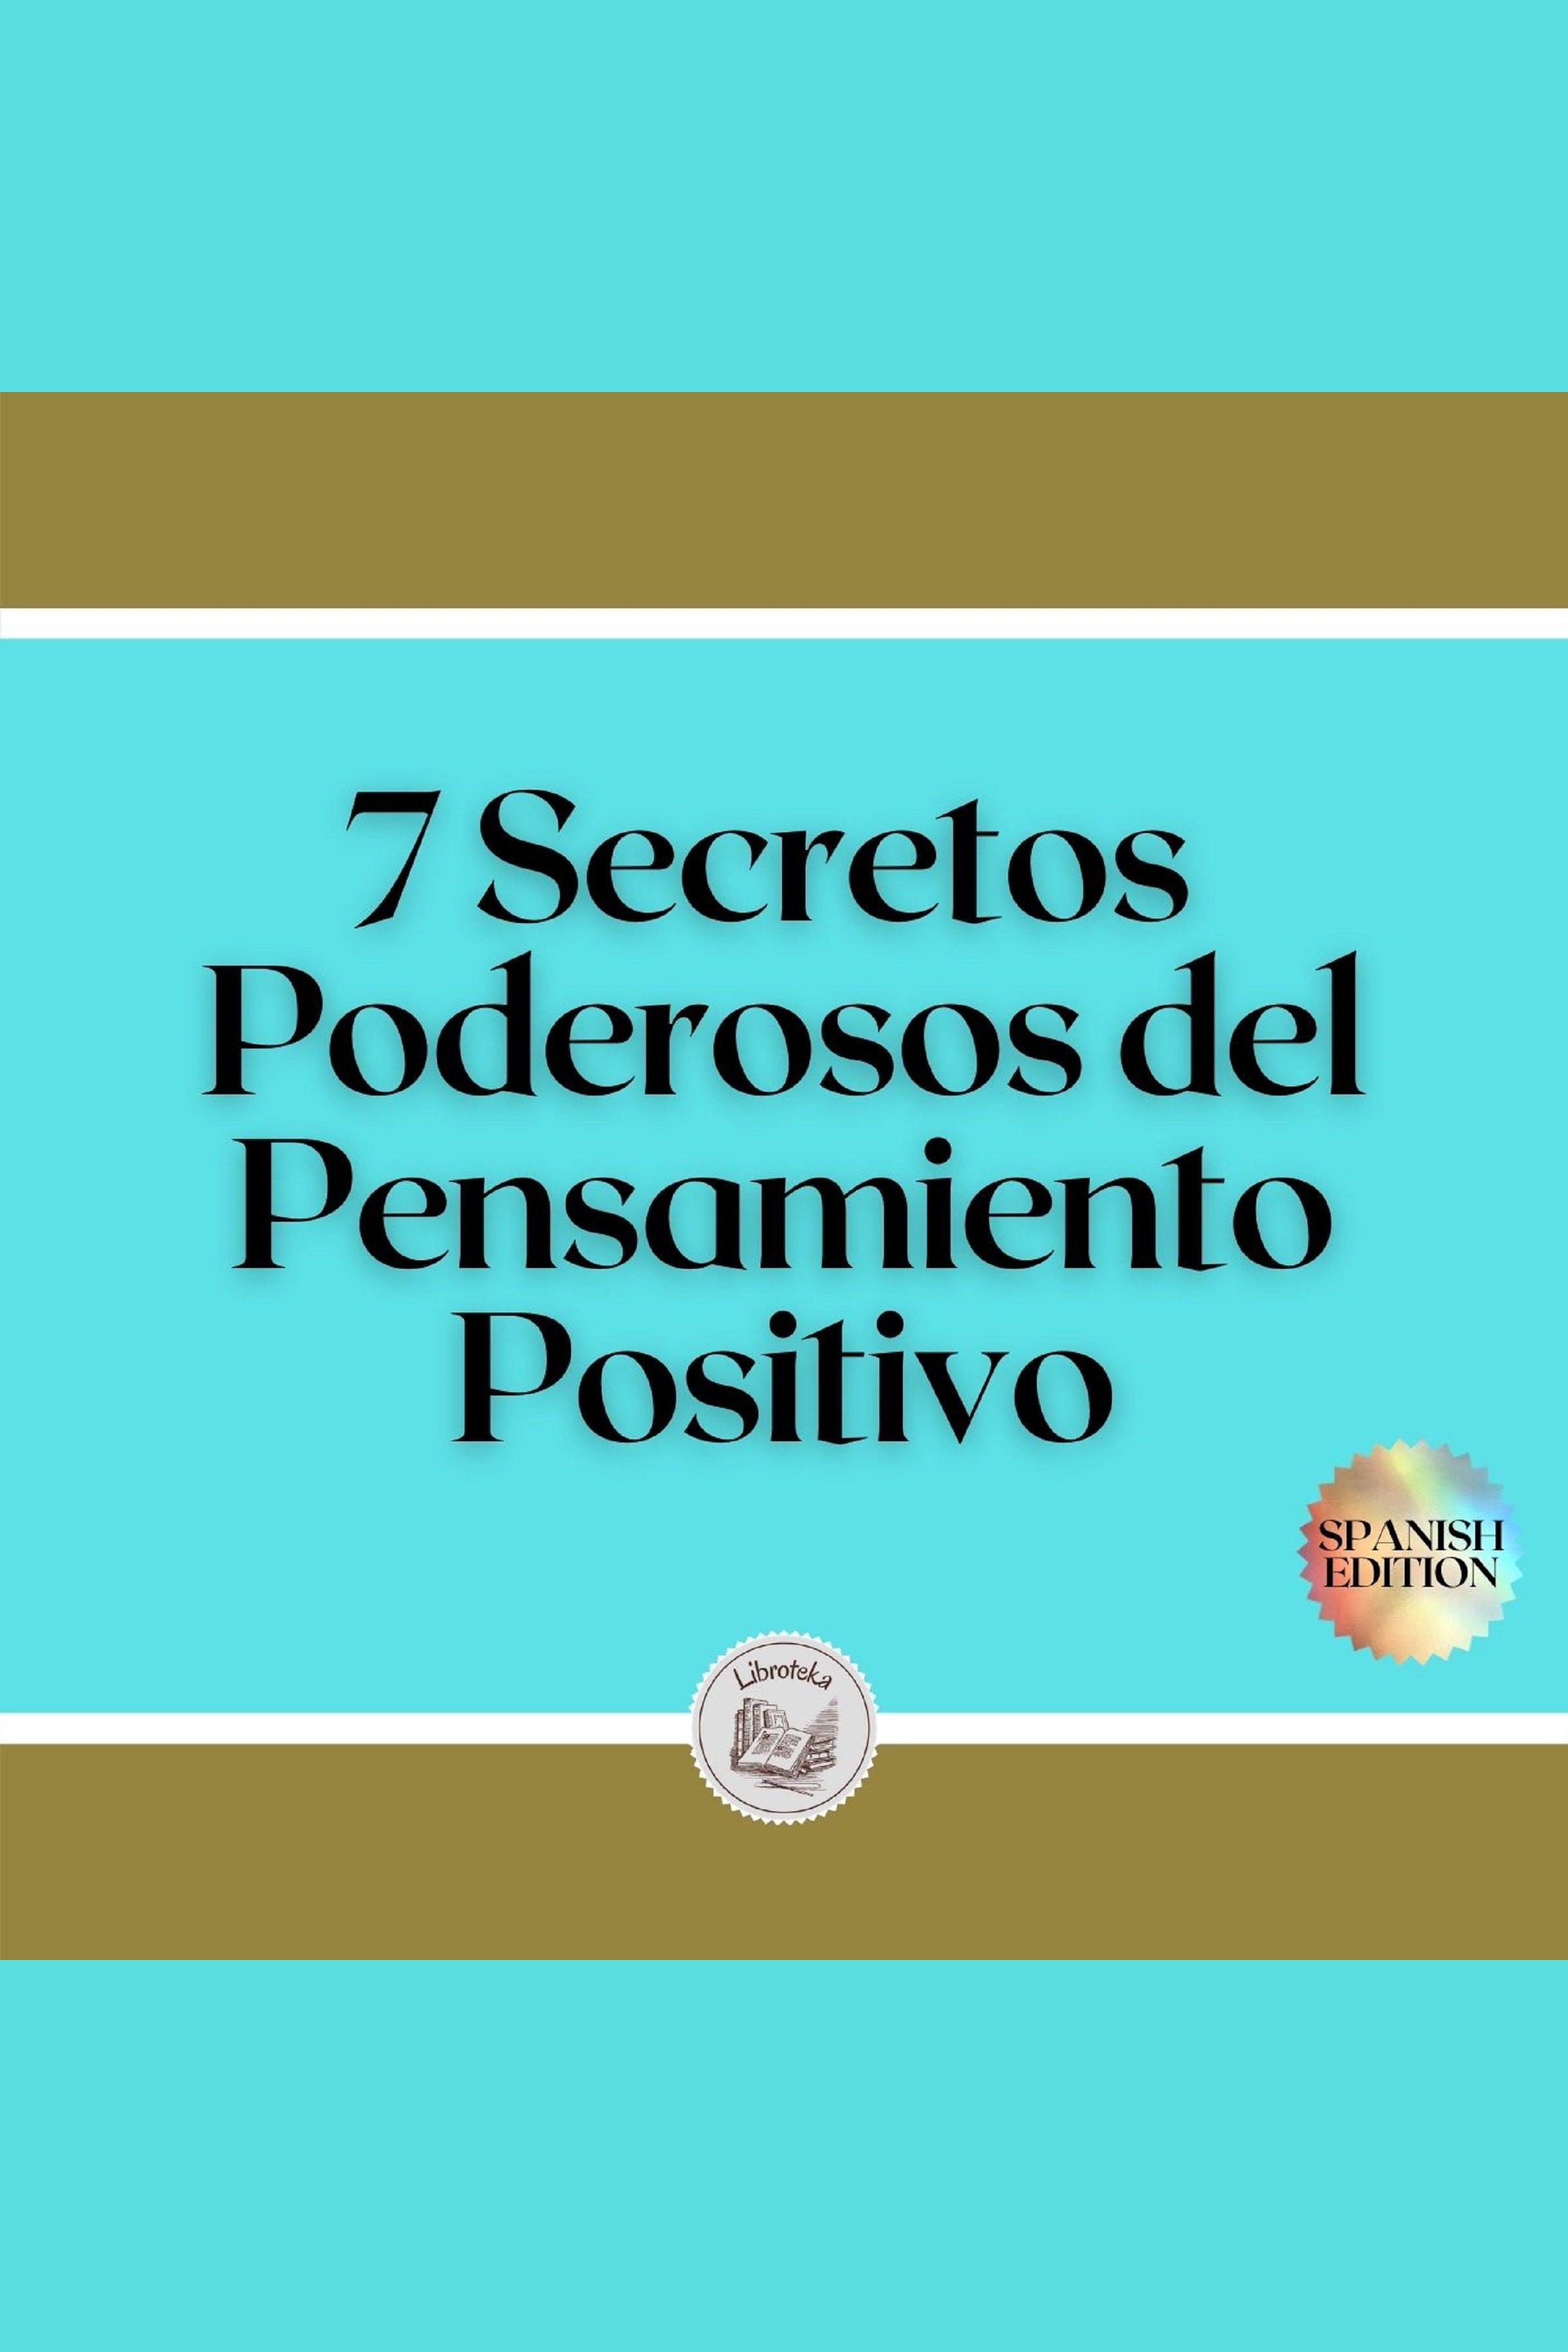 Esta es la portada del audiolibro 7 Secretos Poderosos del Pensamiento Positivo